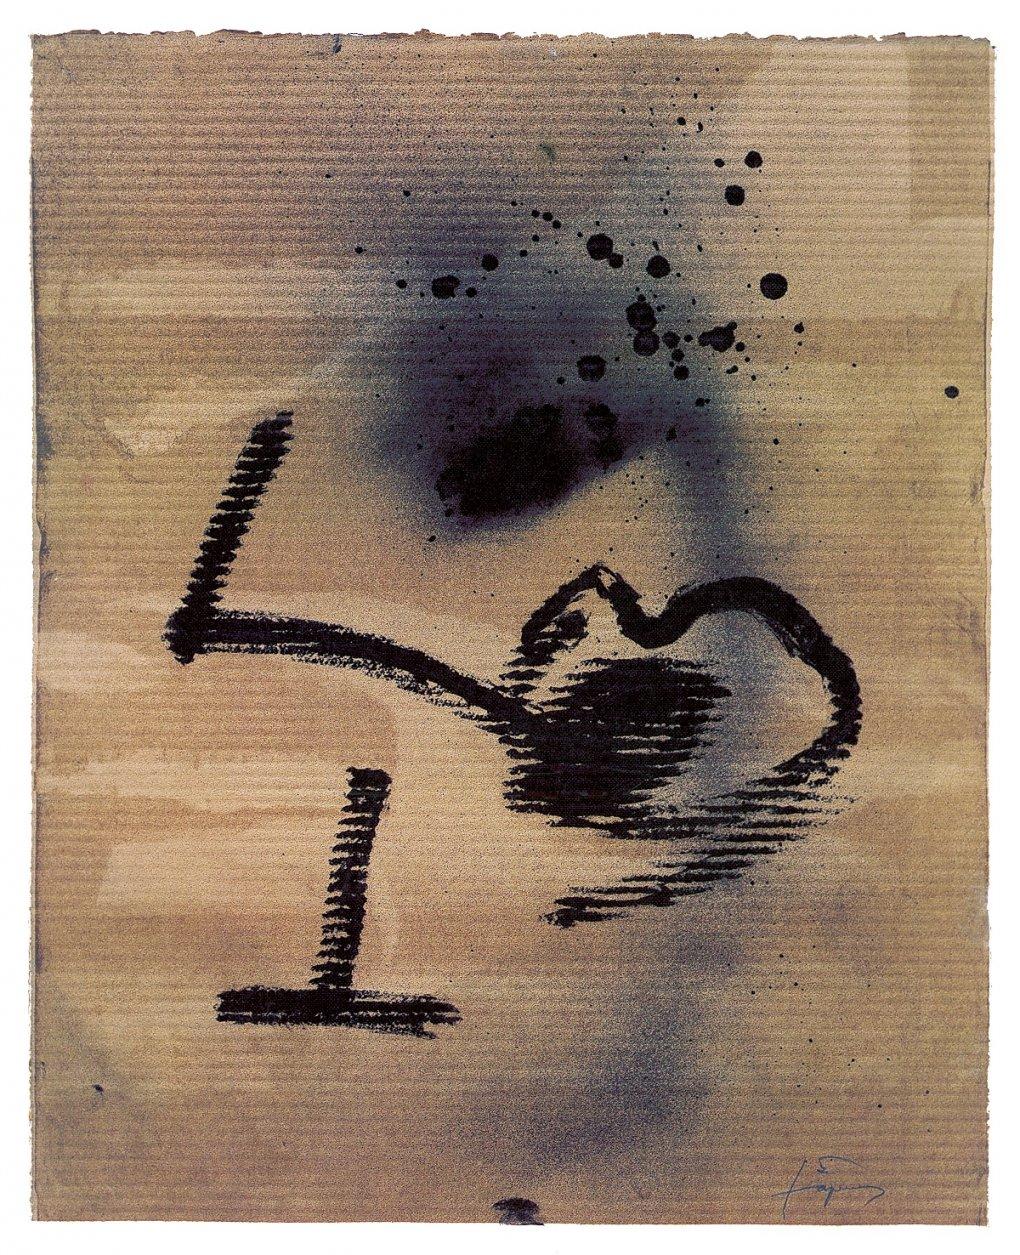 Sin título. Proyecto Etiqueta ENATE Reserva Especial 1998 (1998) - Antoni Tàpies